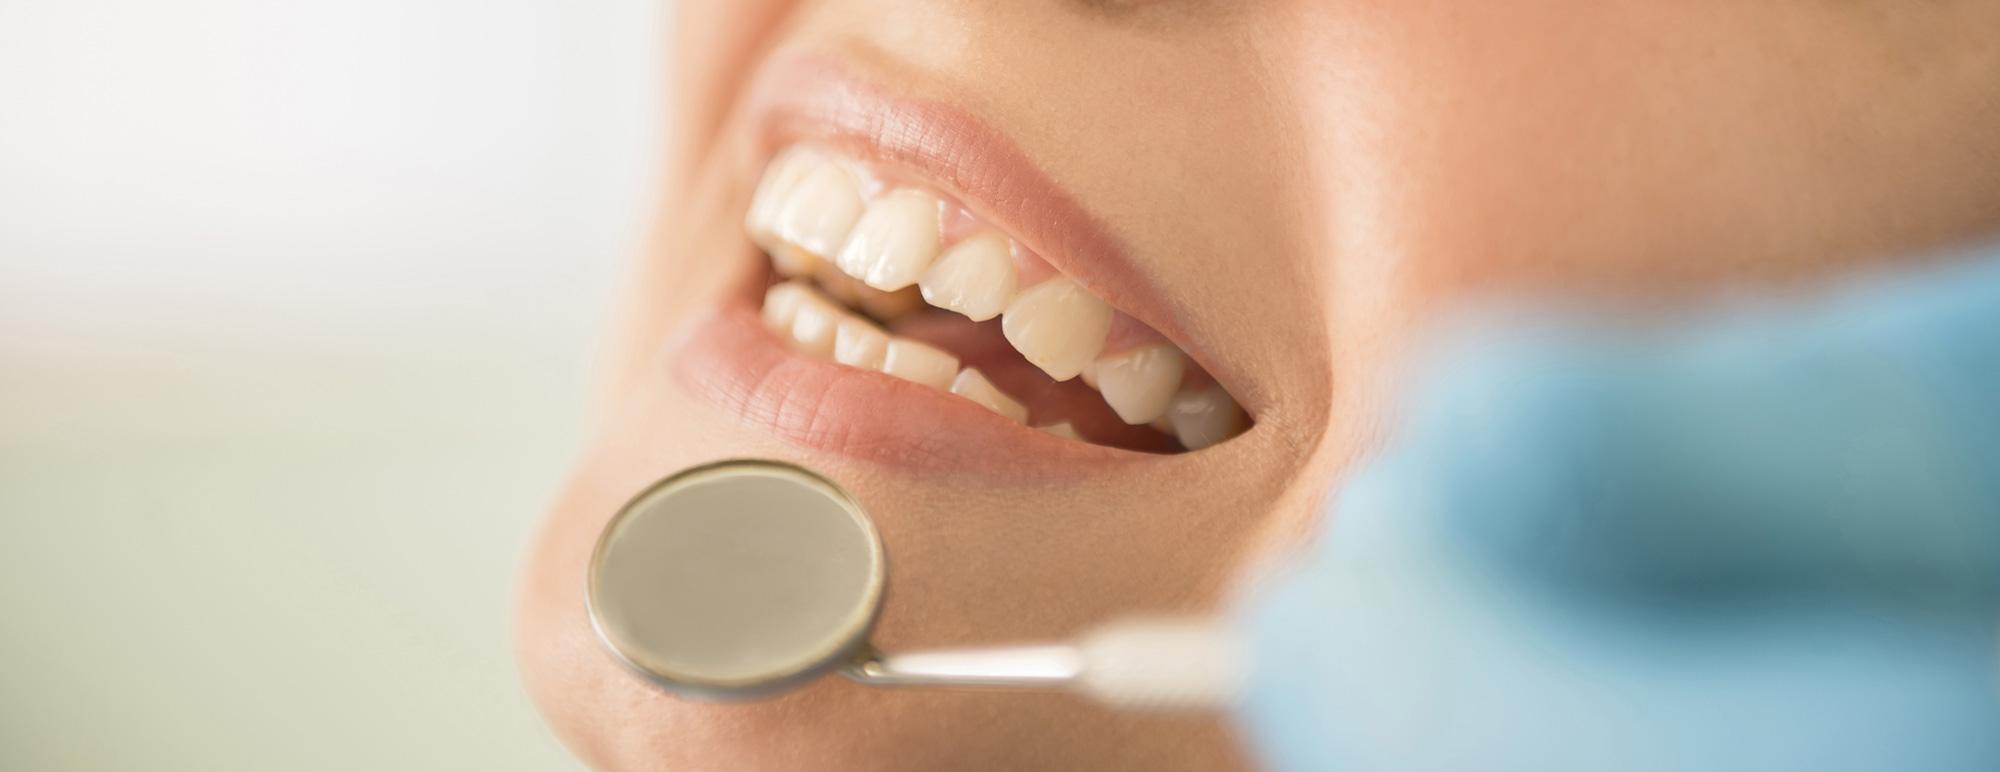 Orthodontie 94 Choisy le Roi: Bannière bouche souriante avec dents blancs